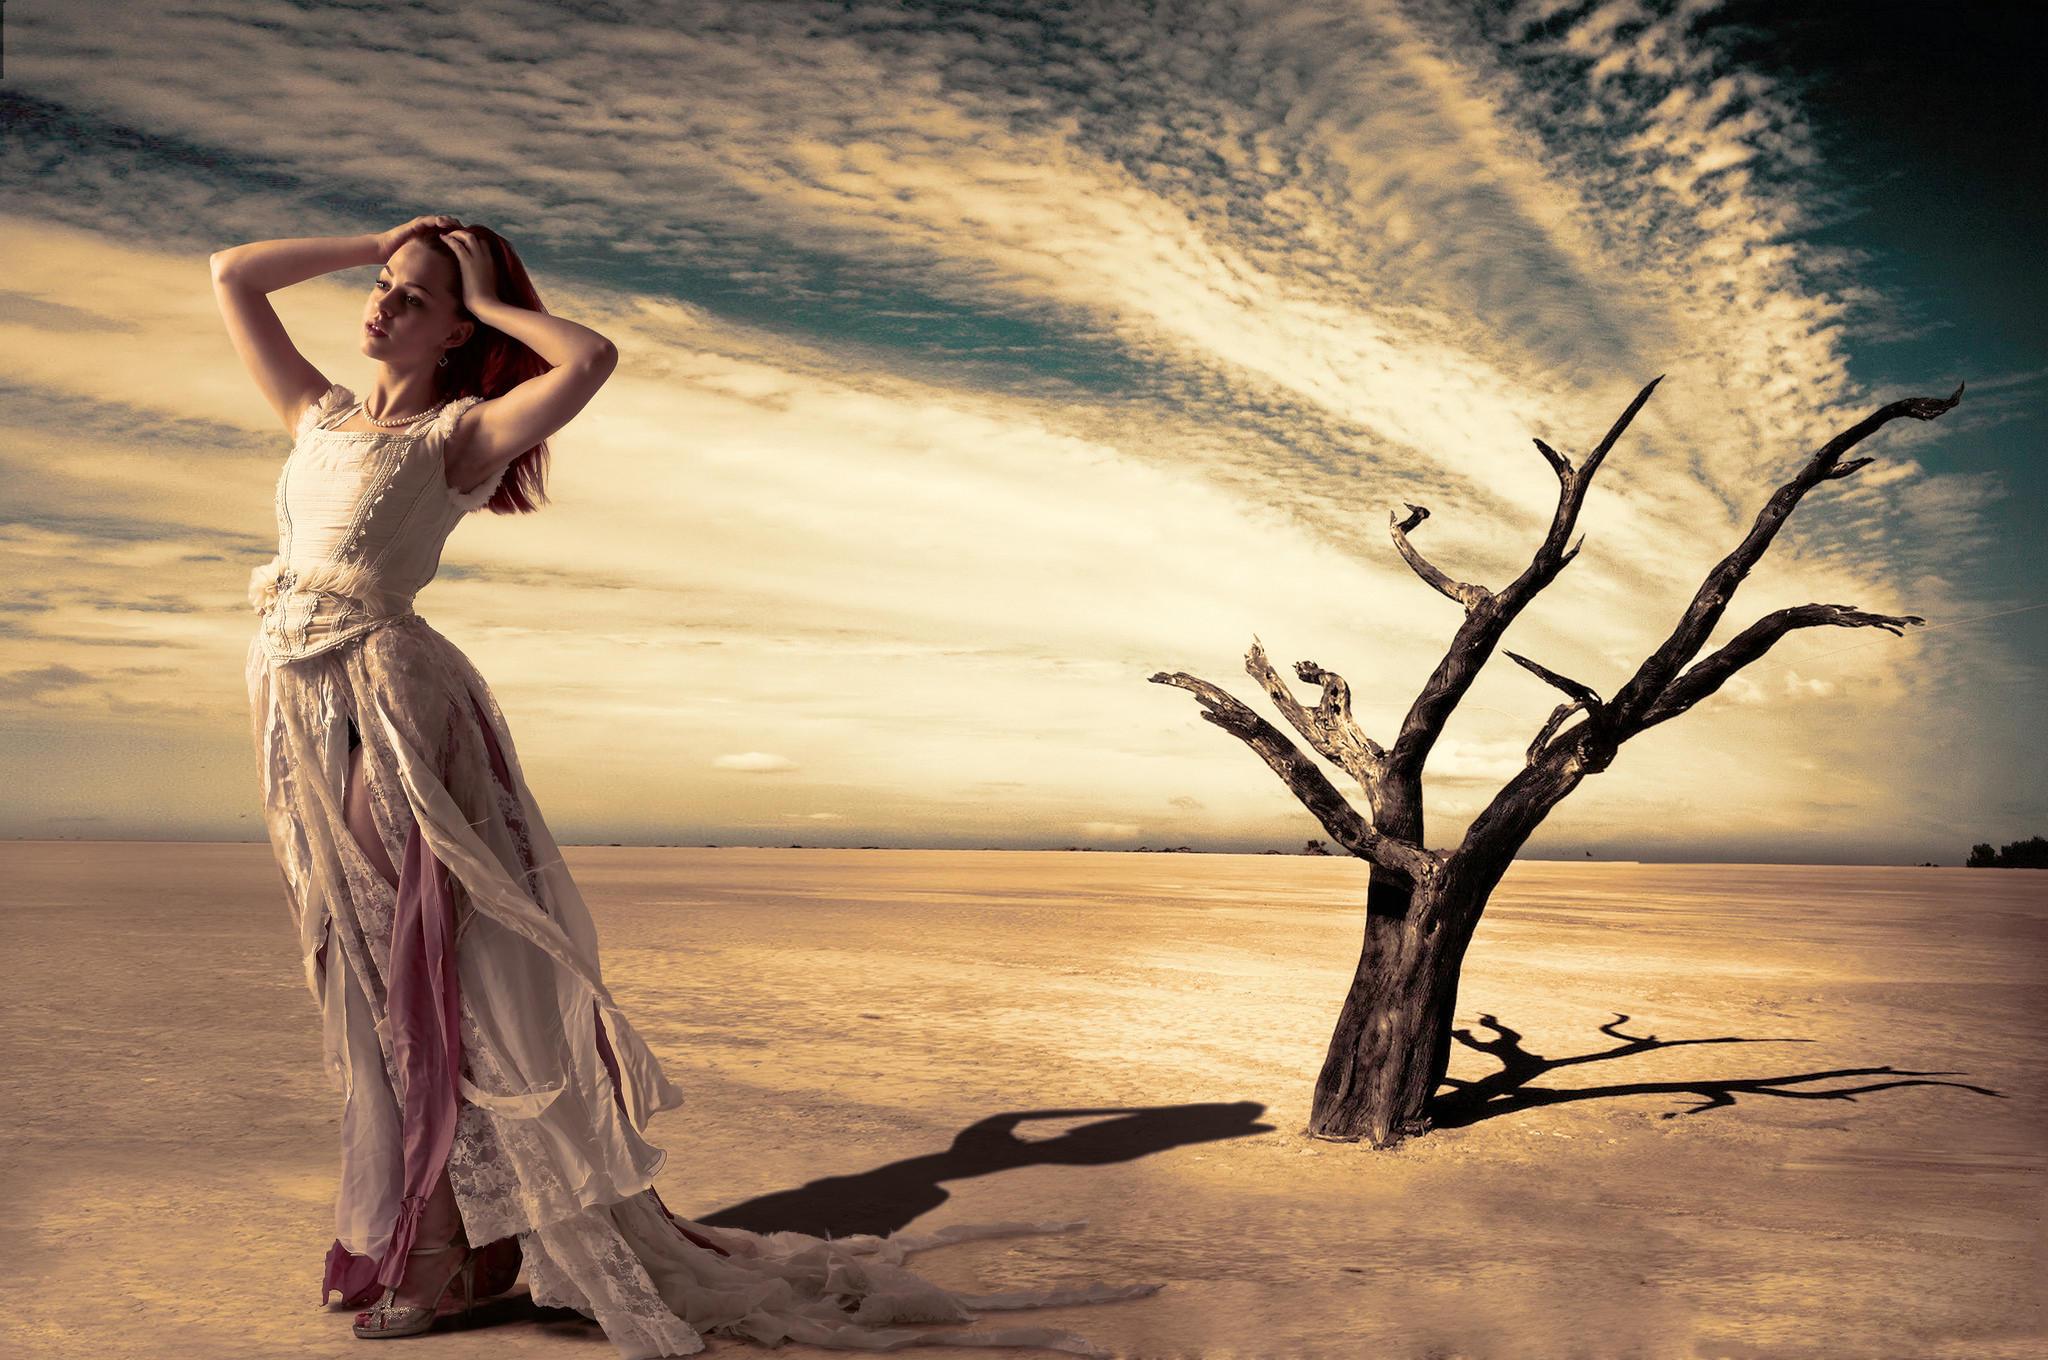 обои закат, поле, дерево, девушка картинки фото